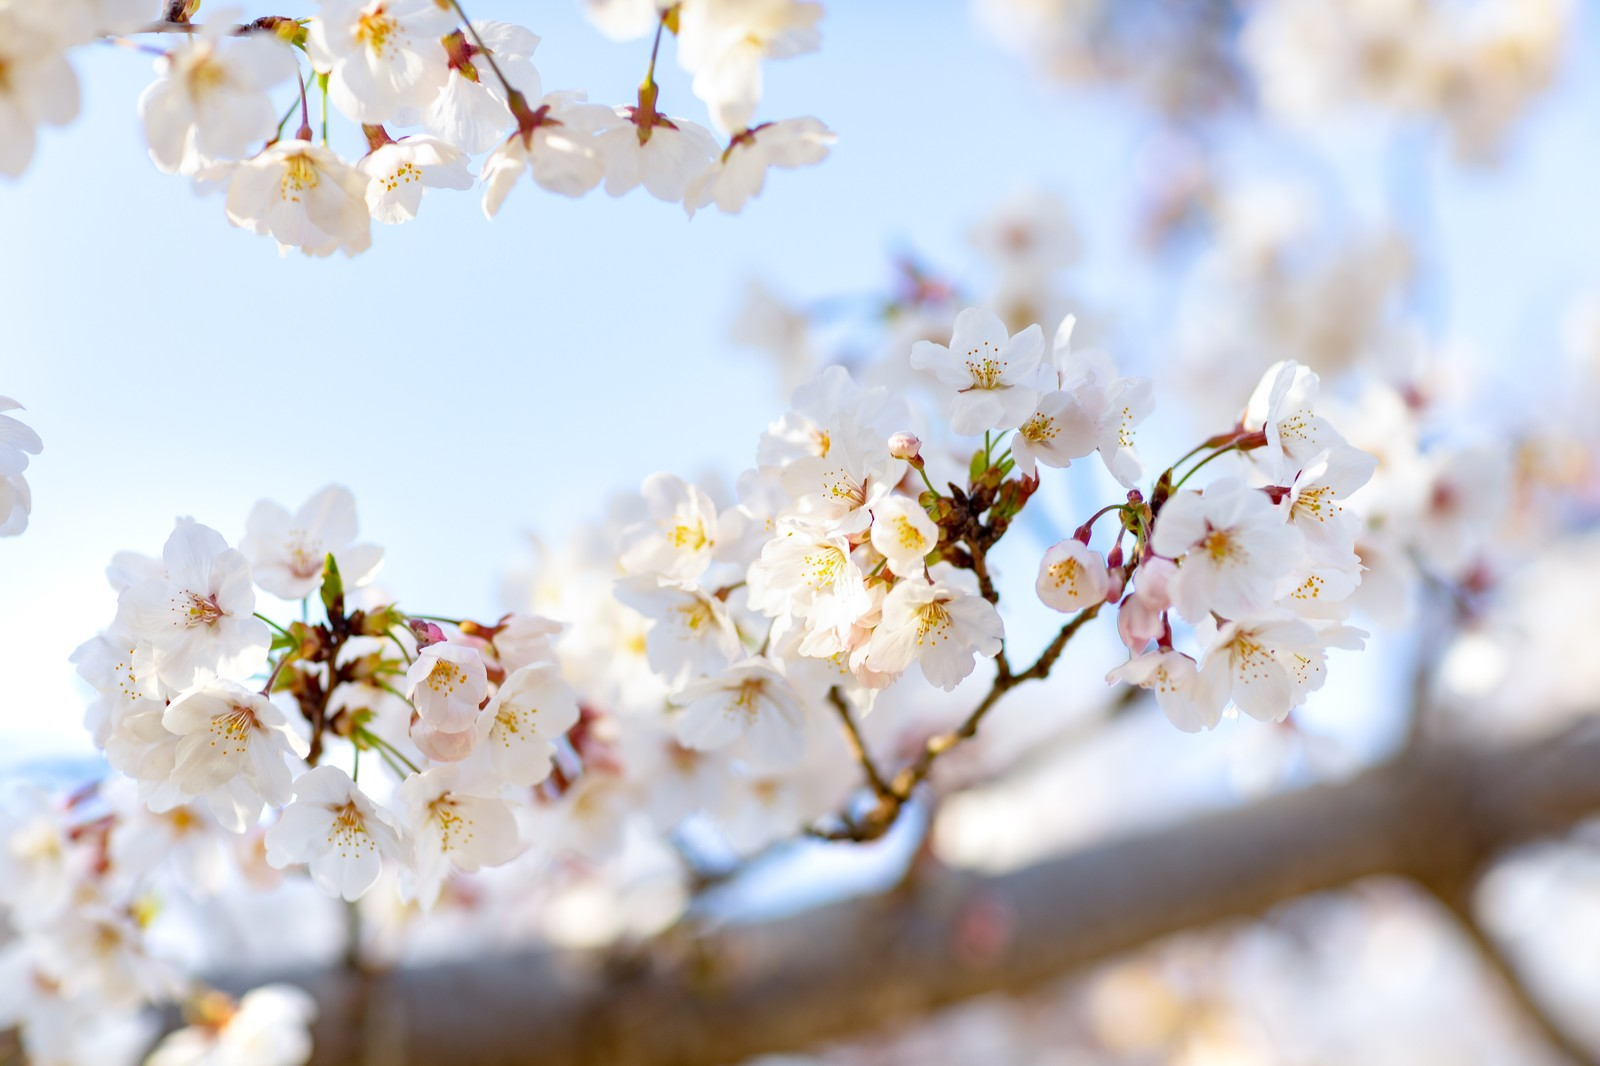 「春の木漏れ日と桜」の写真